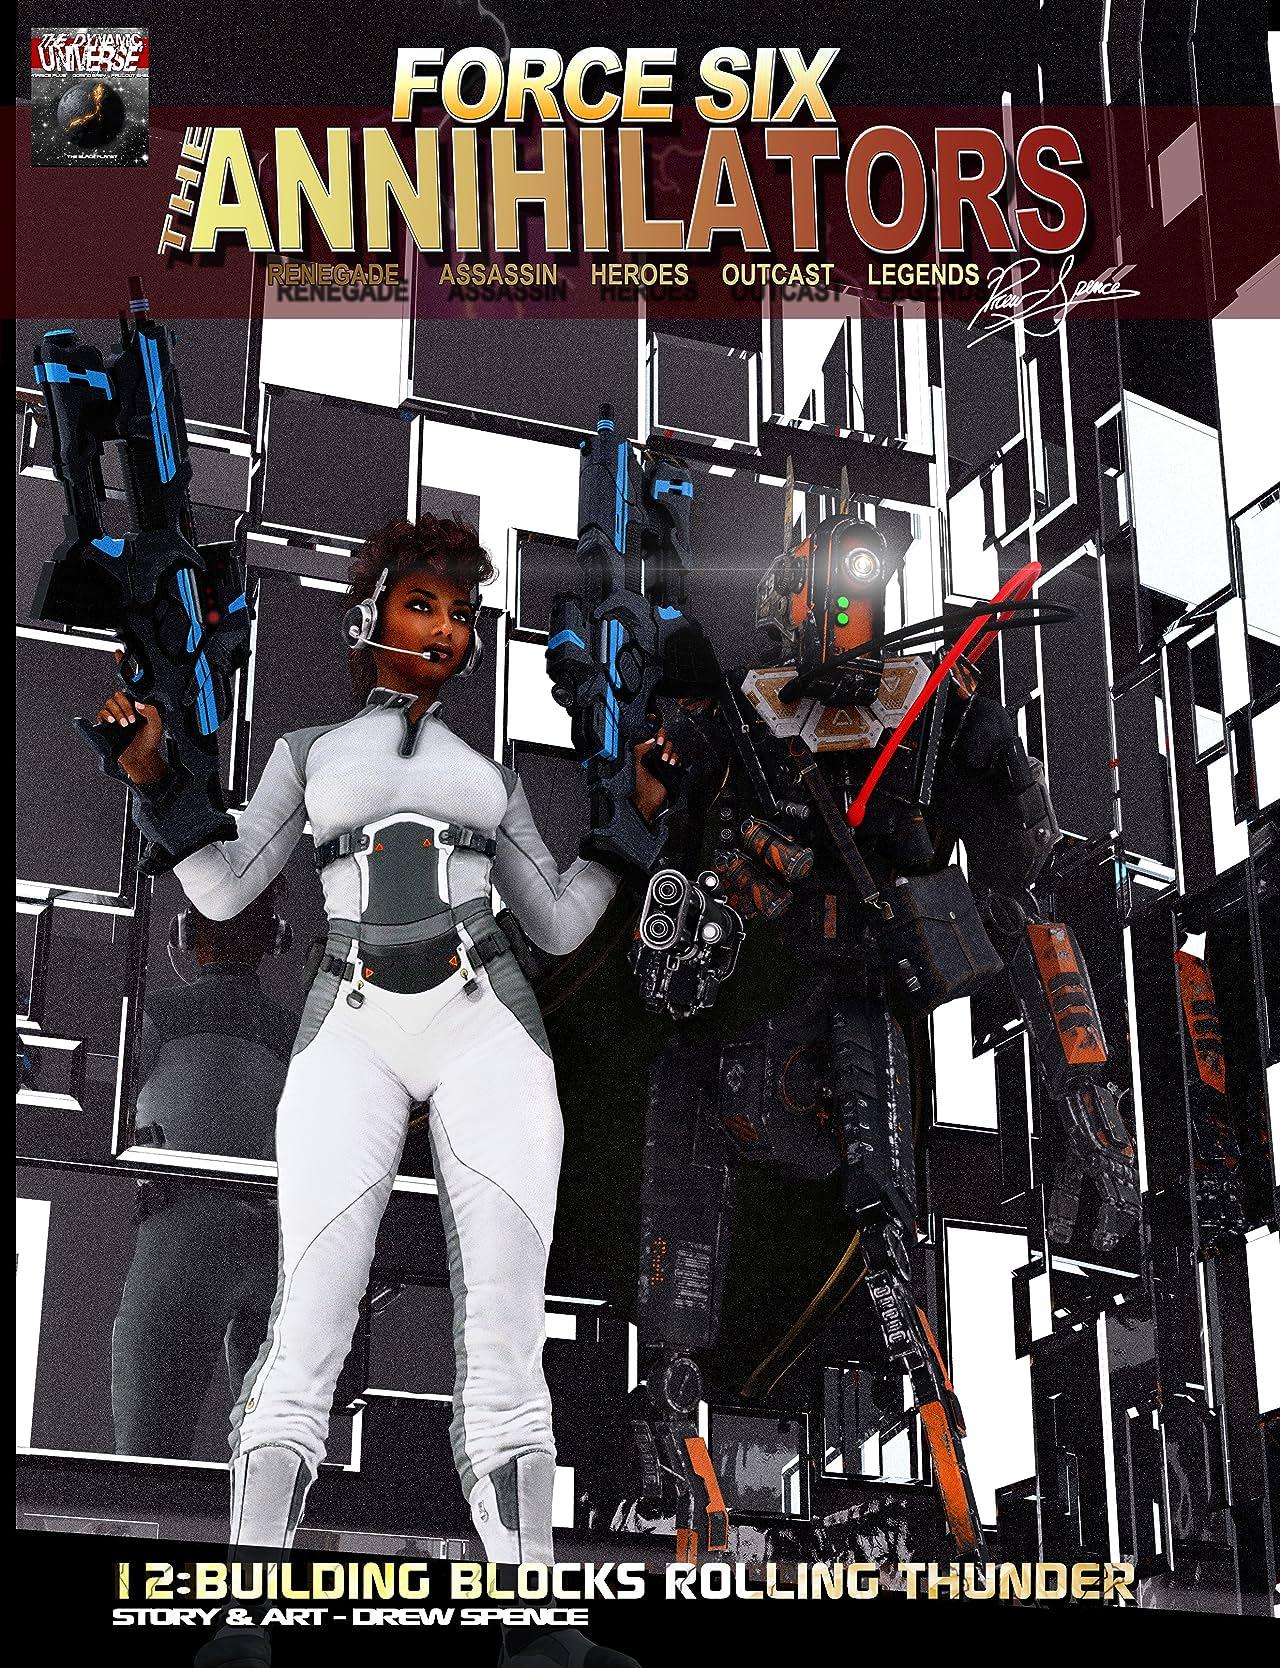 Force Six, The Annihilators #12